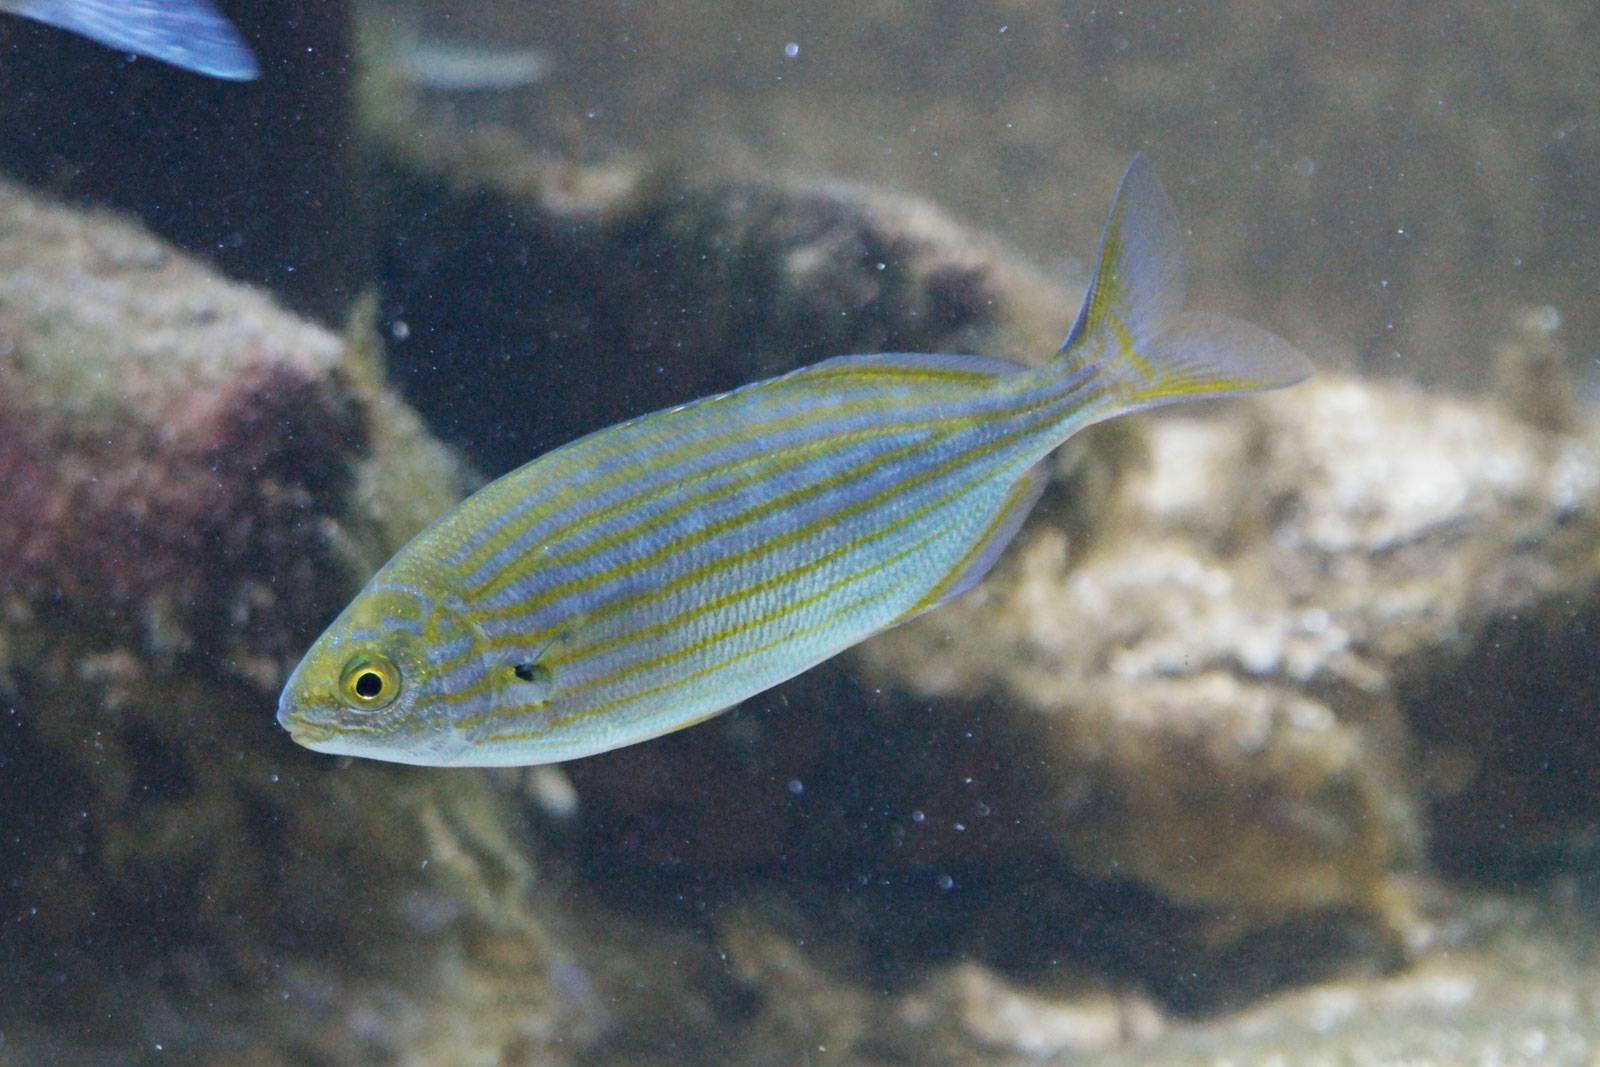 Нечего скрывать: salpa maggiore — полностью прозрачная рыба